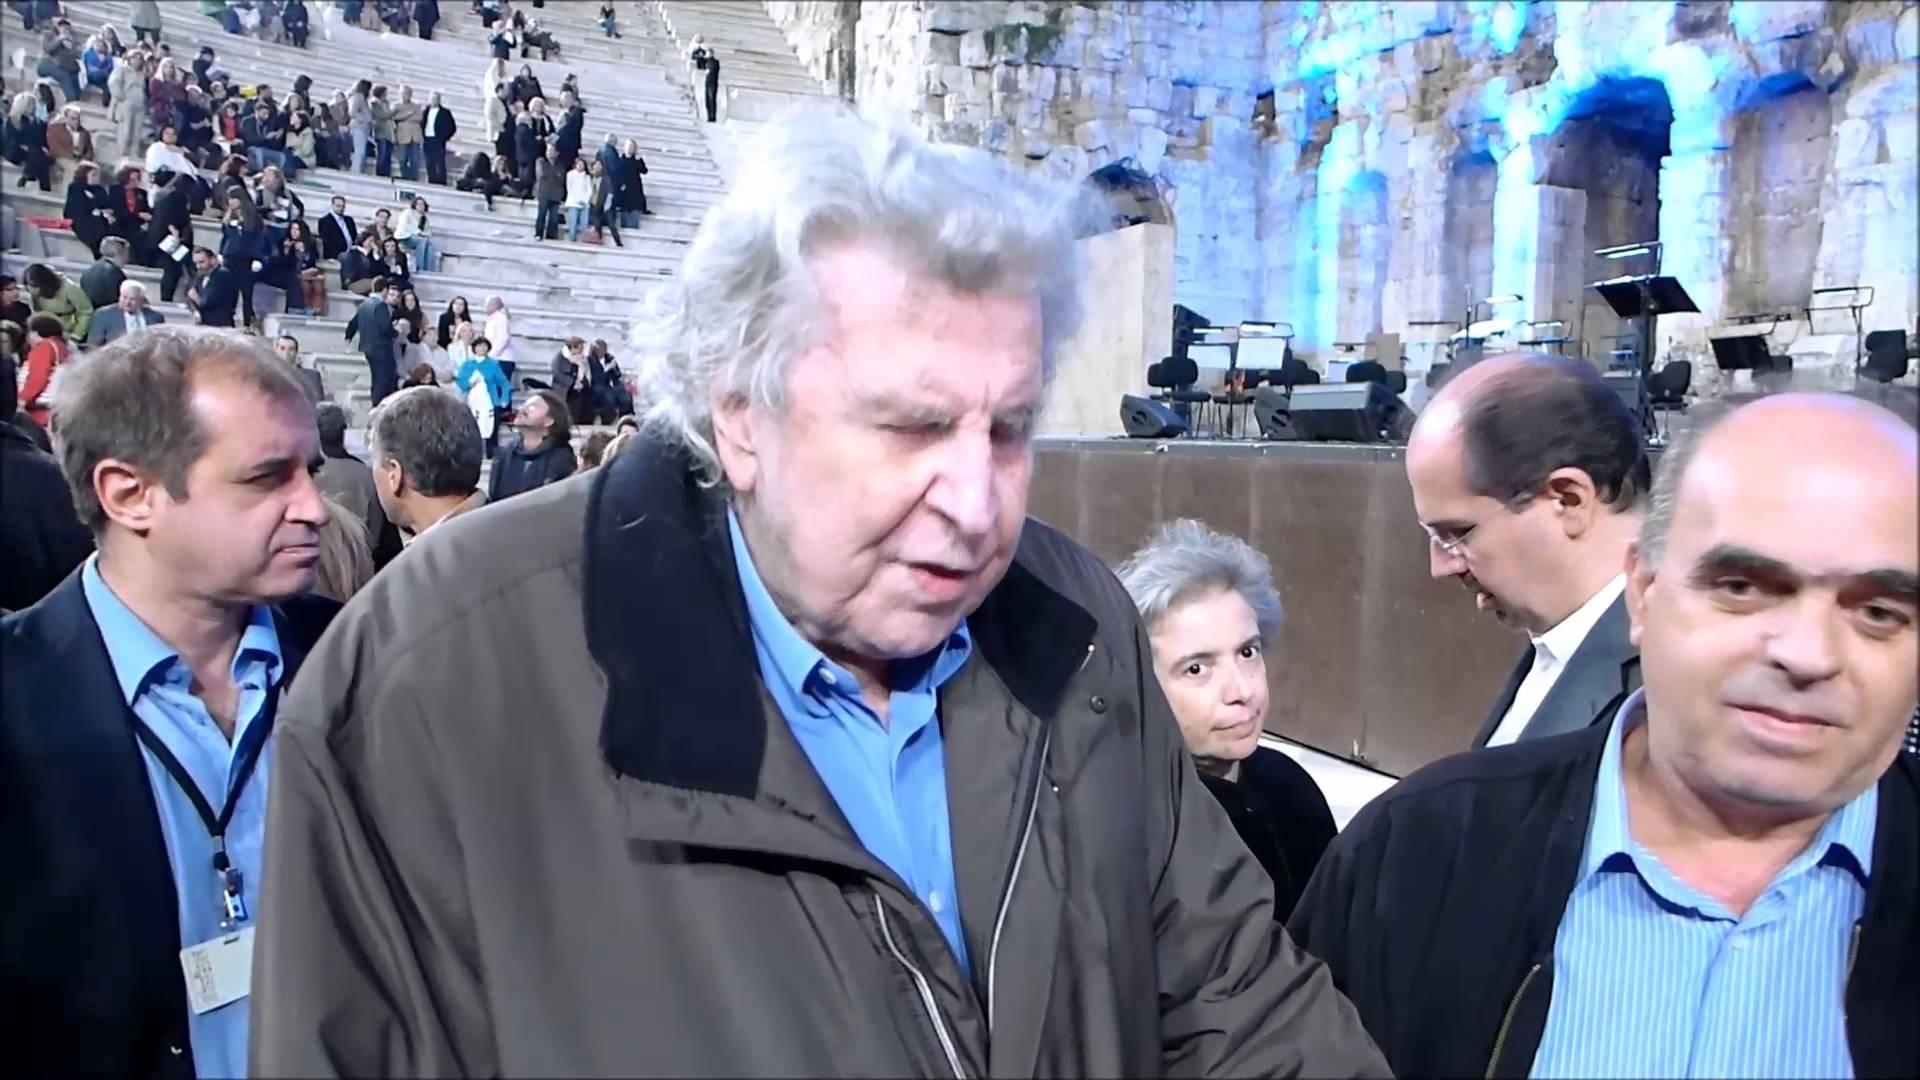 Μίκης: Ντρέπομαι να γιορτάζω στο Ηρώδειο όταν οι γέροντες υποφέρουν και πεινάνε